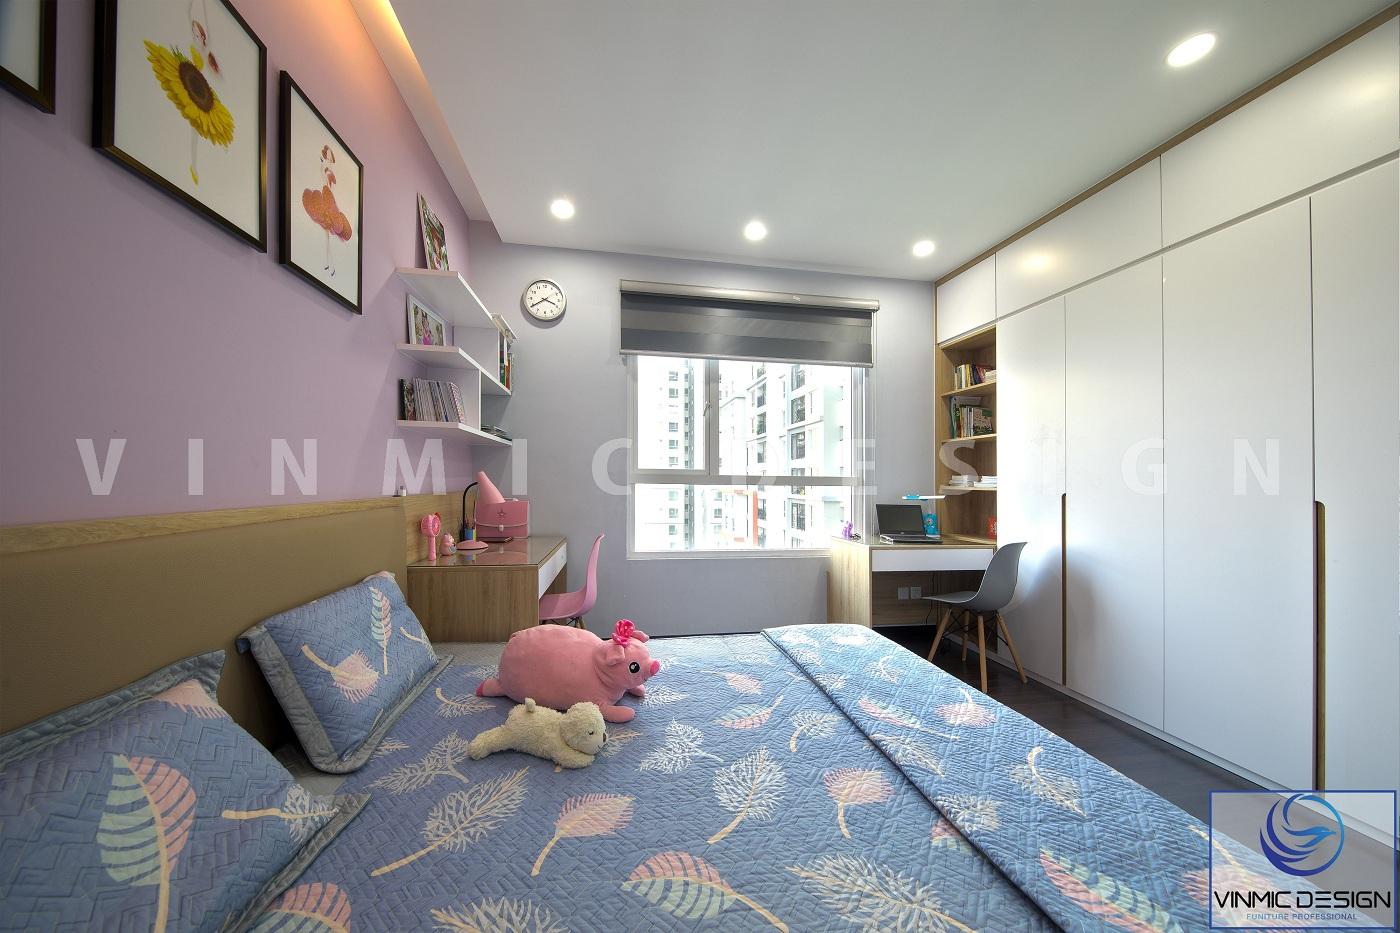 Thi công nội thất phòng ngủ  kết hợp tủ áo chất liệu MDF